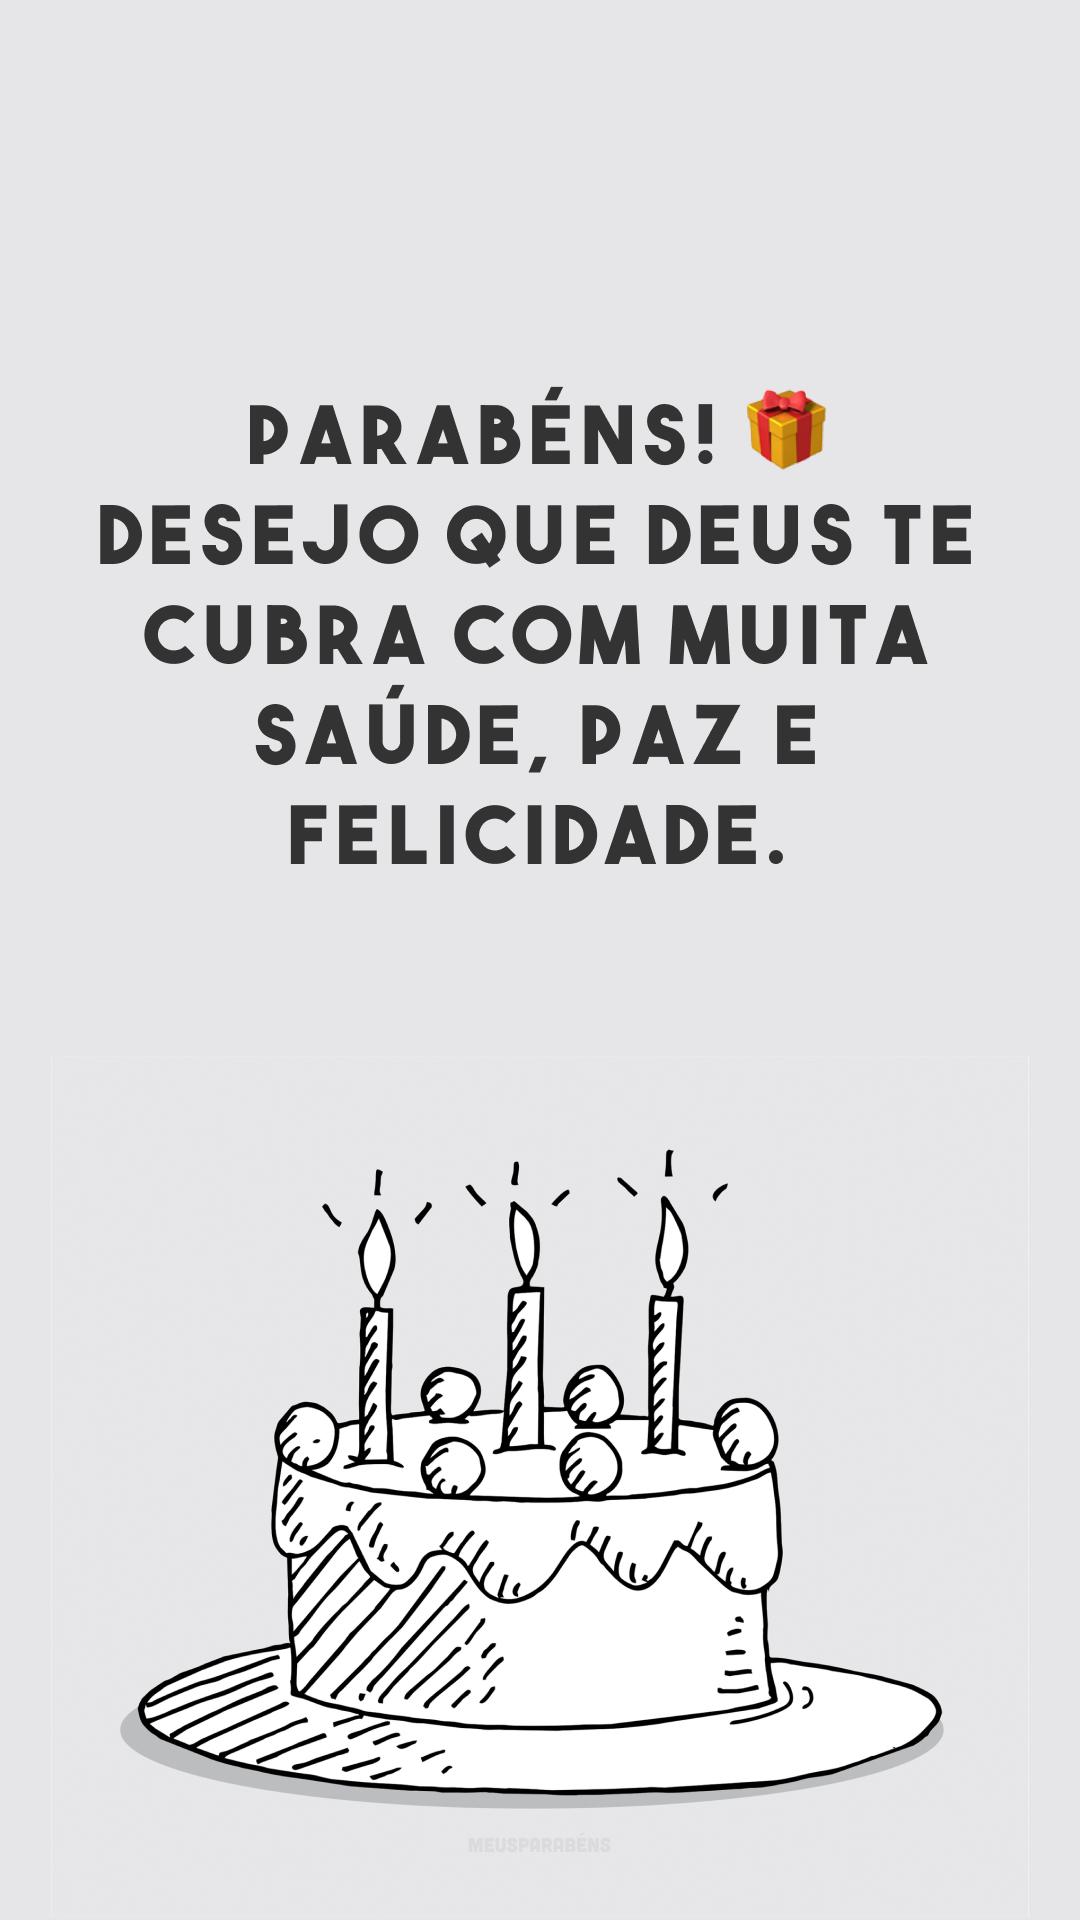 Parabéns! 🎁 Desejo que Deus te cubra com muita saúde, paz e felicidade.